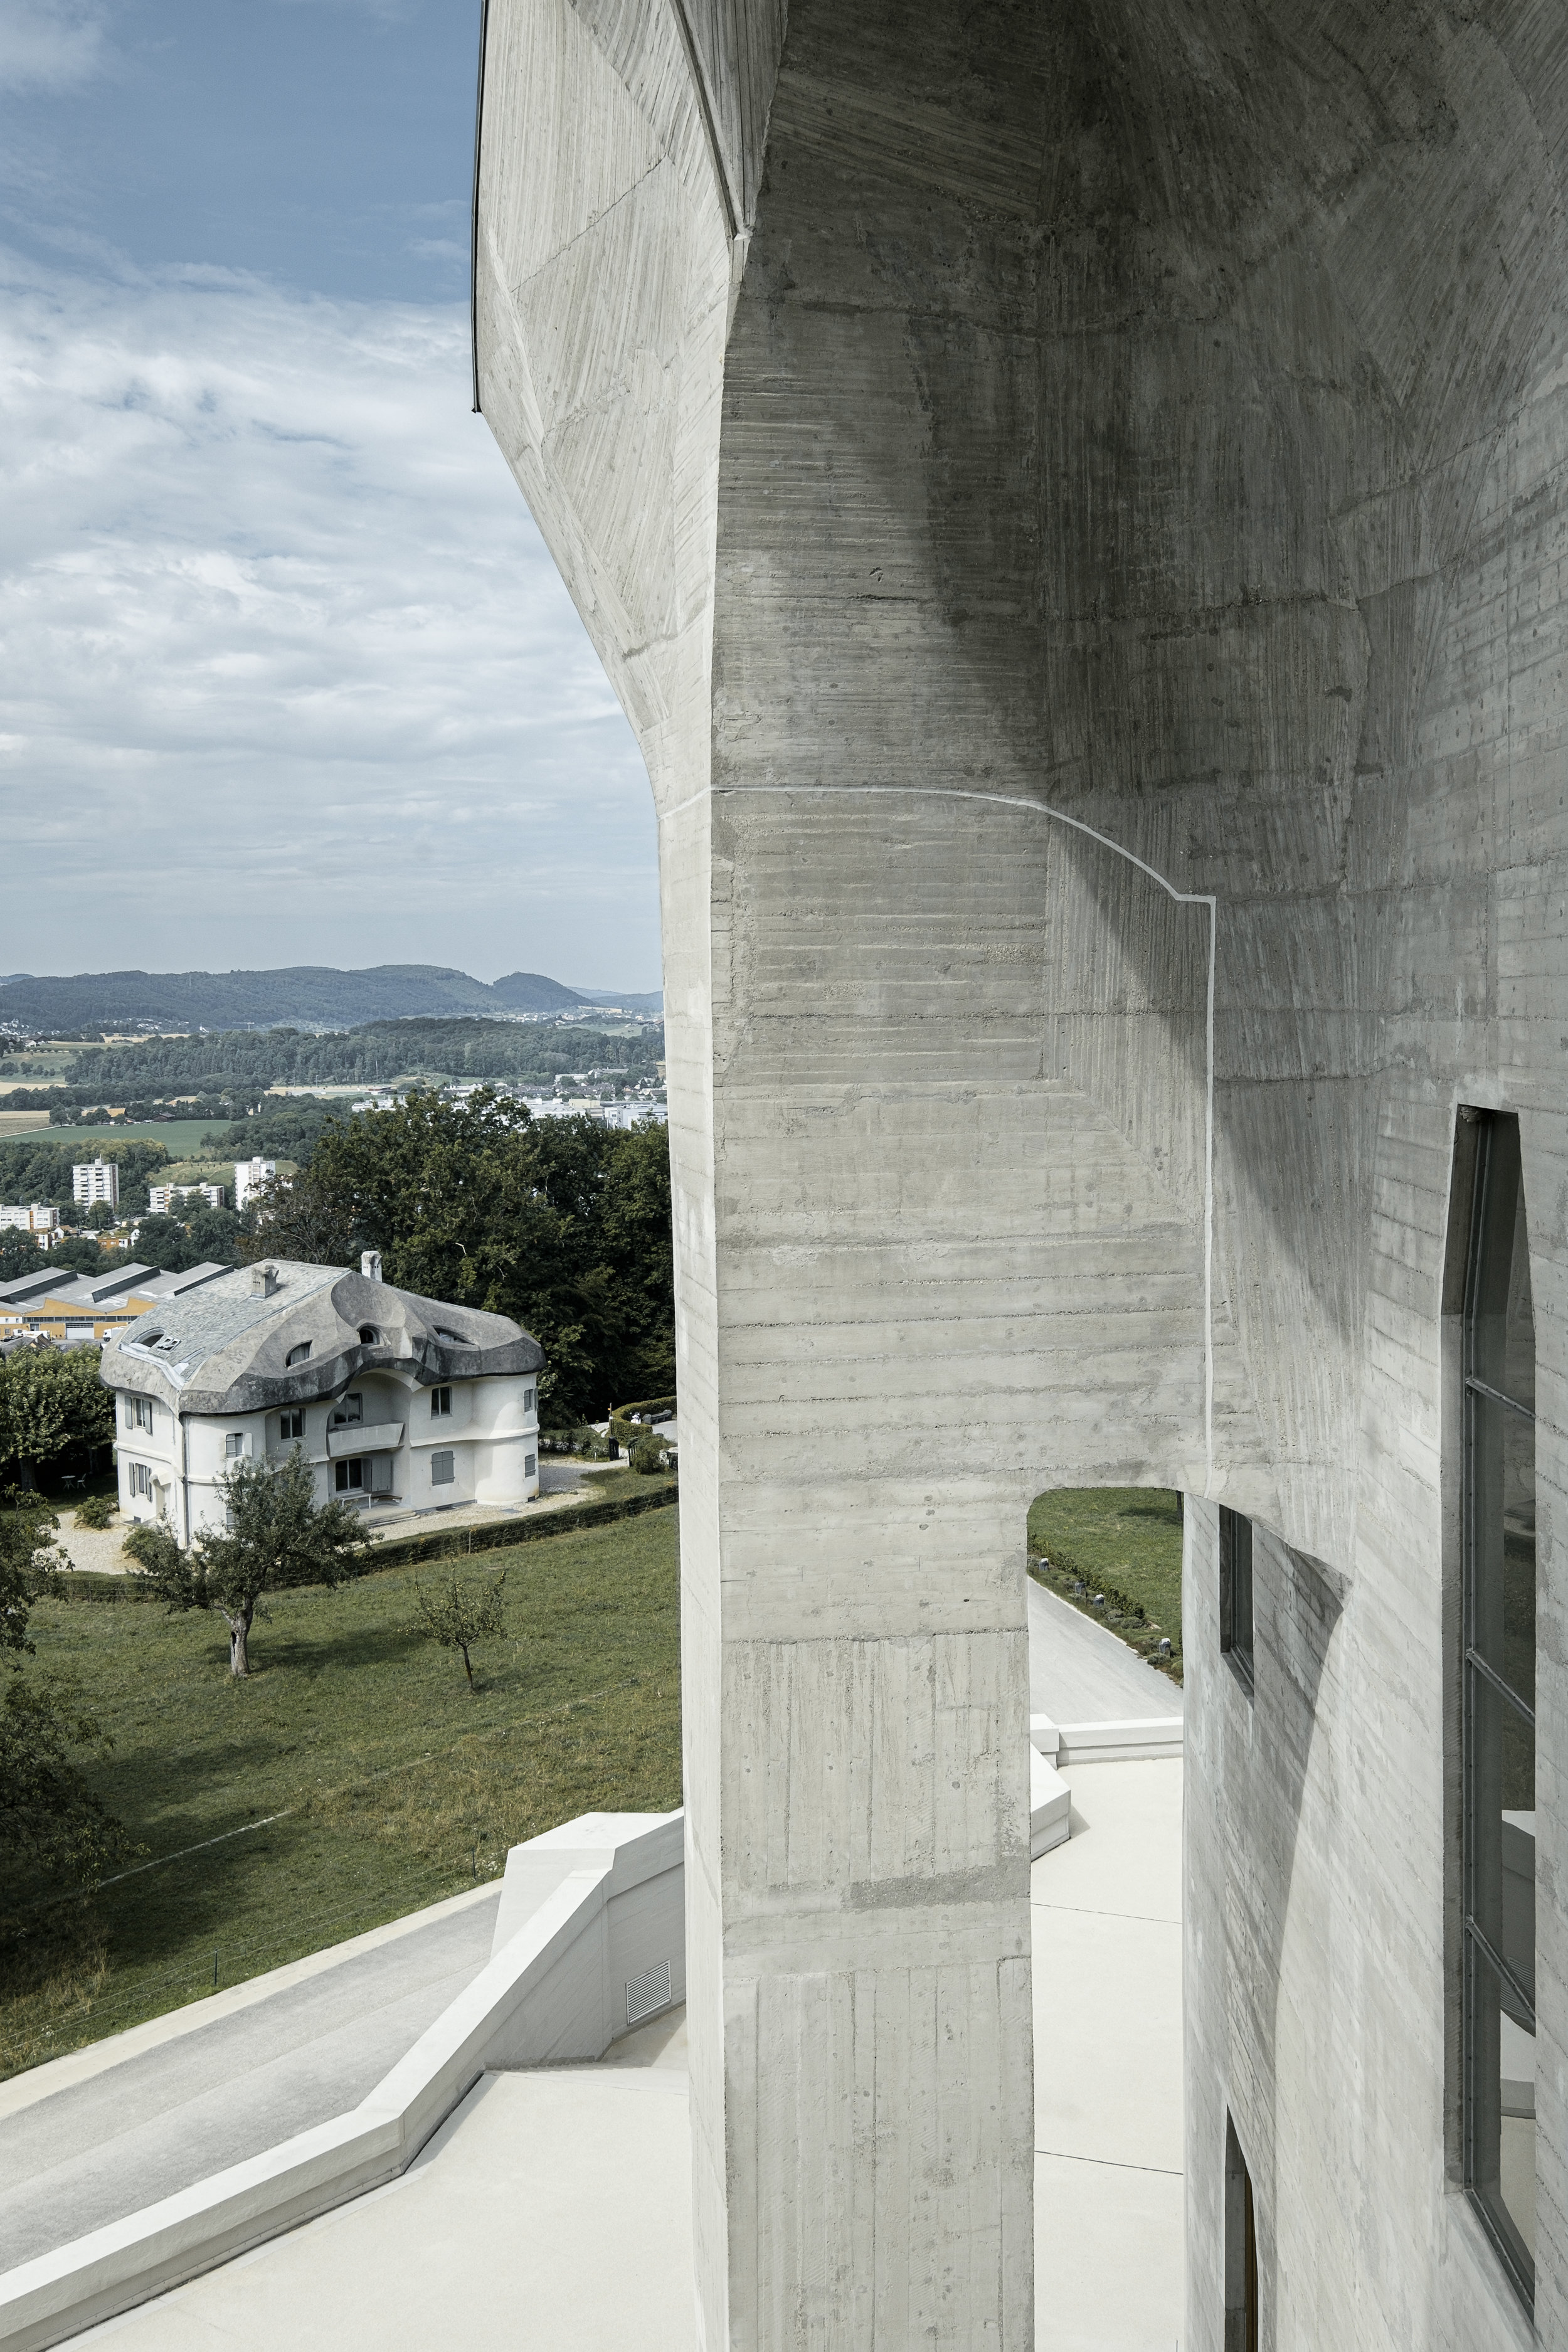 Goetheanum_2019_MTD_371-Edit.jpg